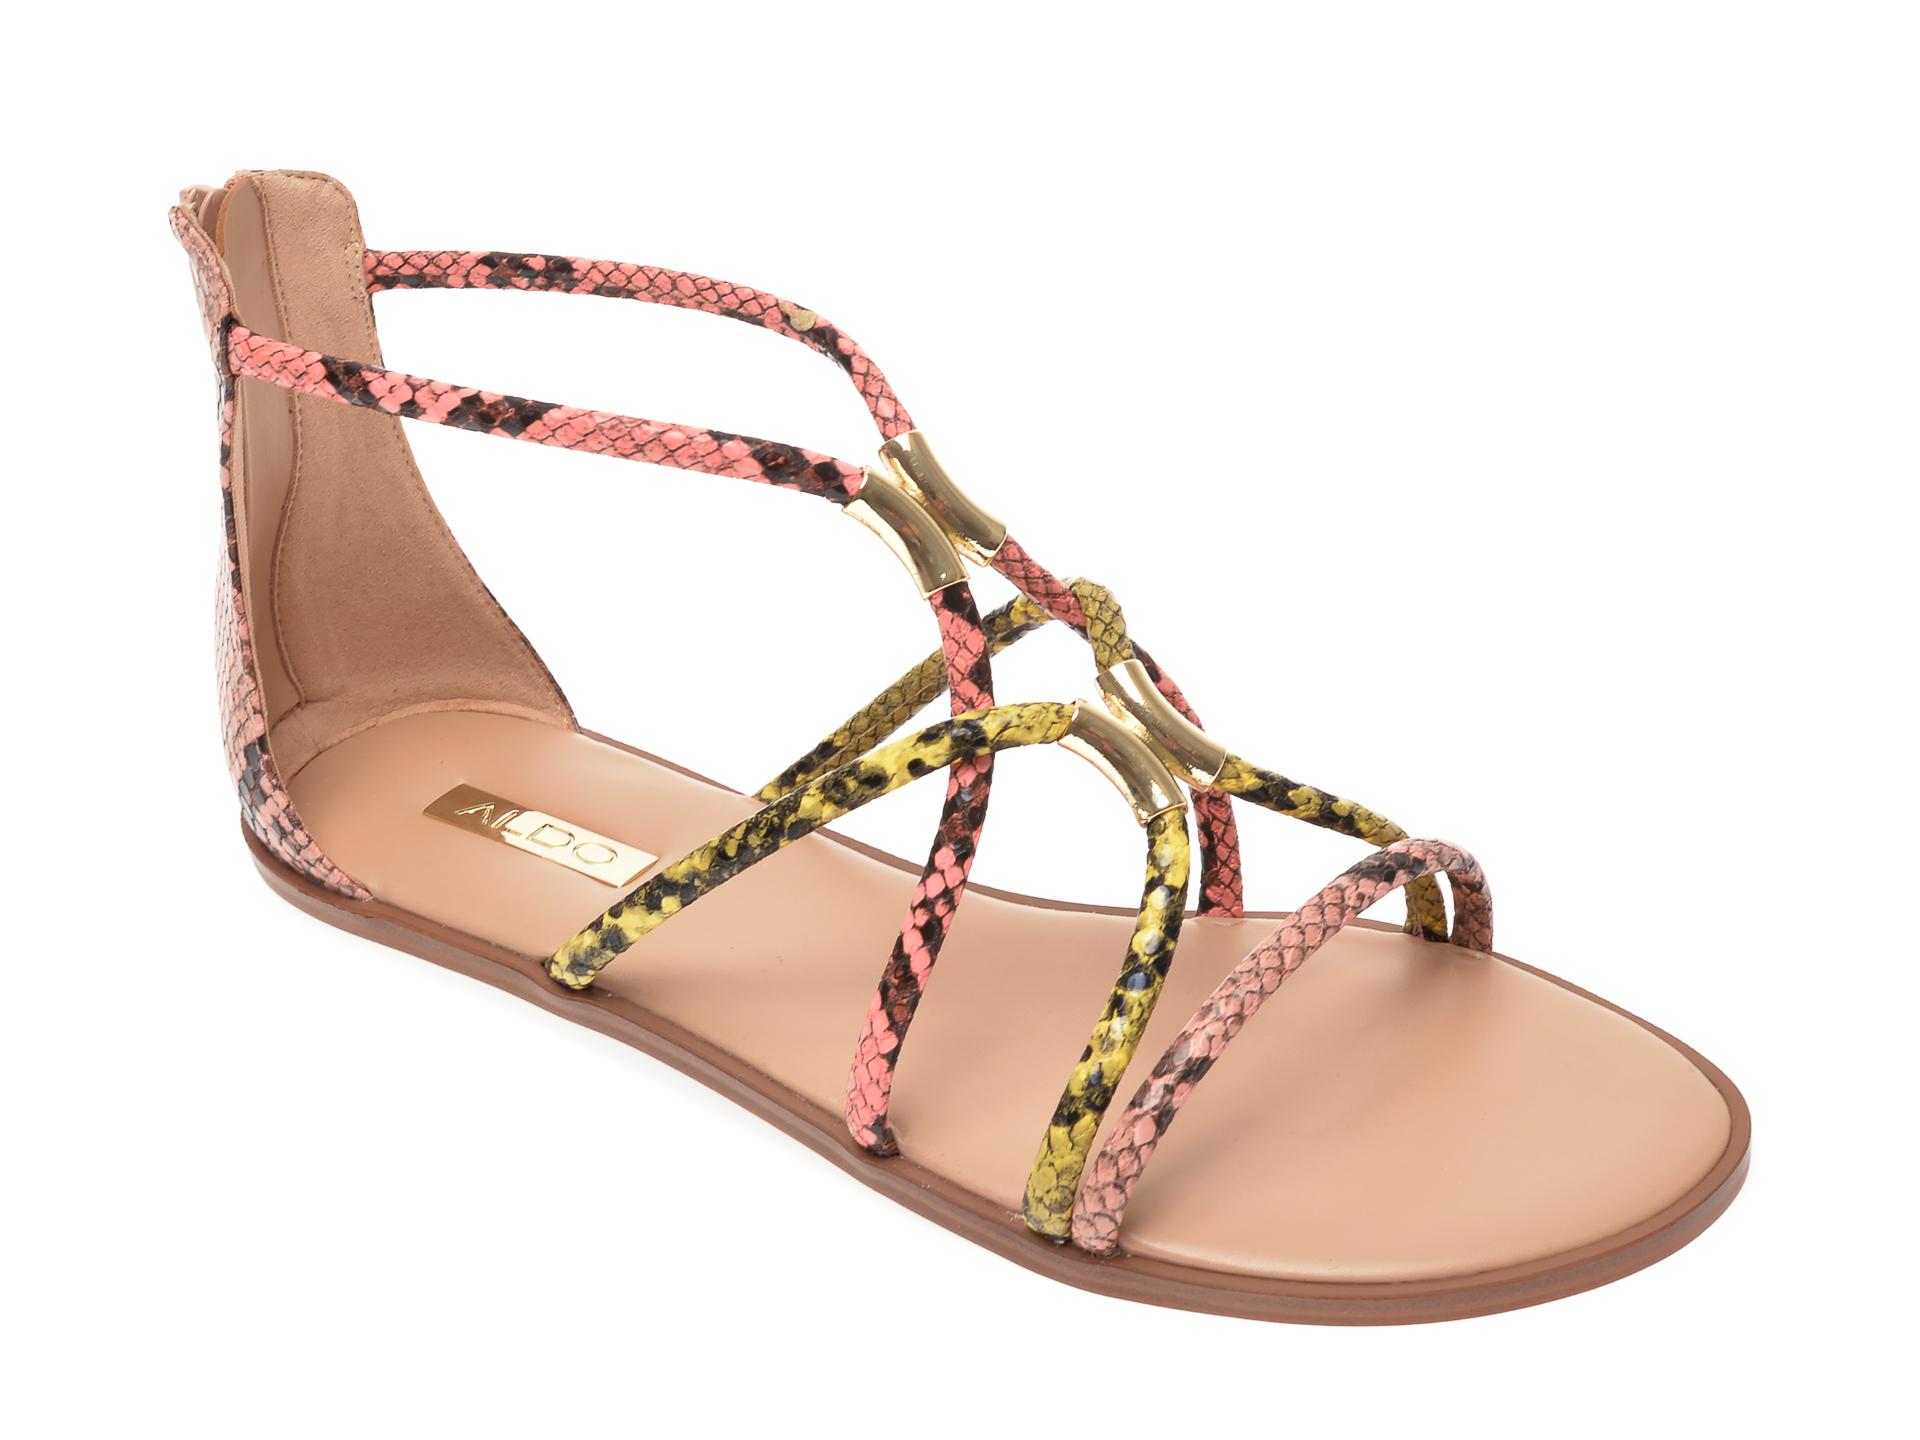 Sandale ALDO multicolore, Pozoa960, din piele ecologica imagine